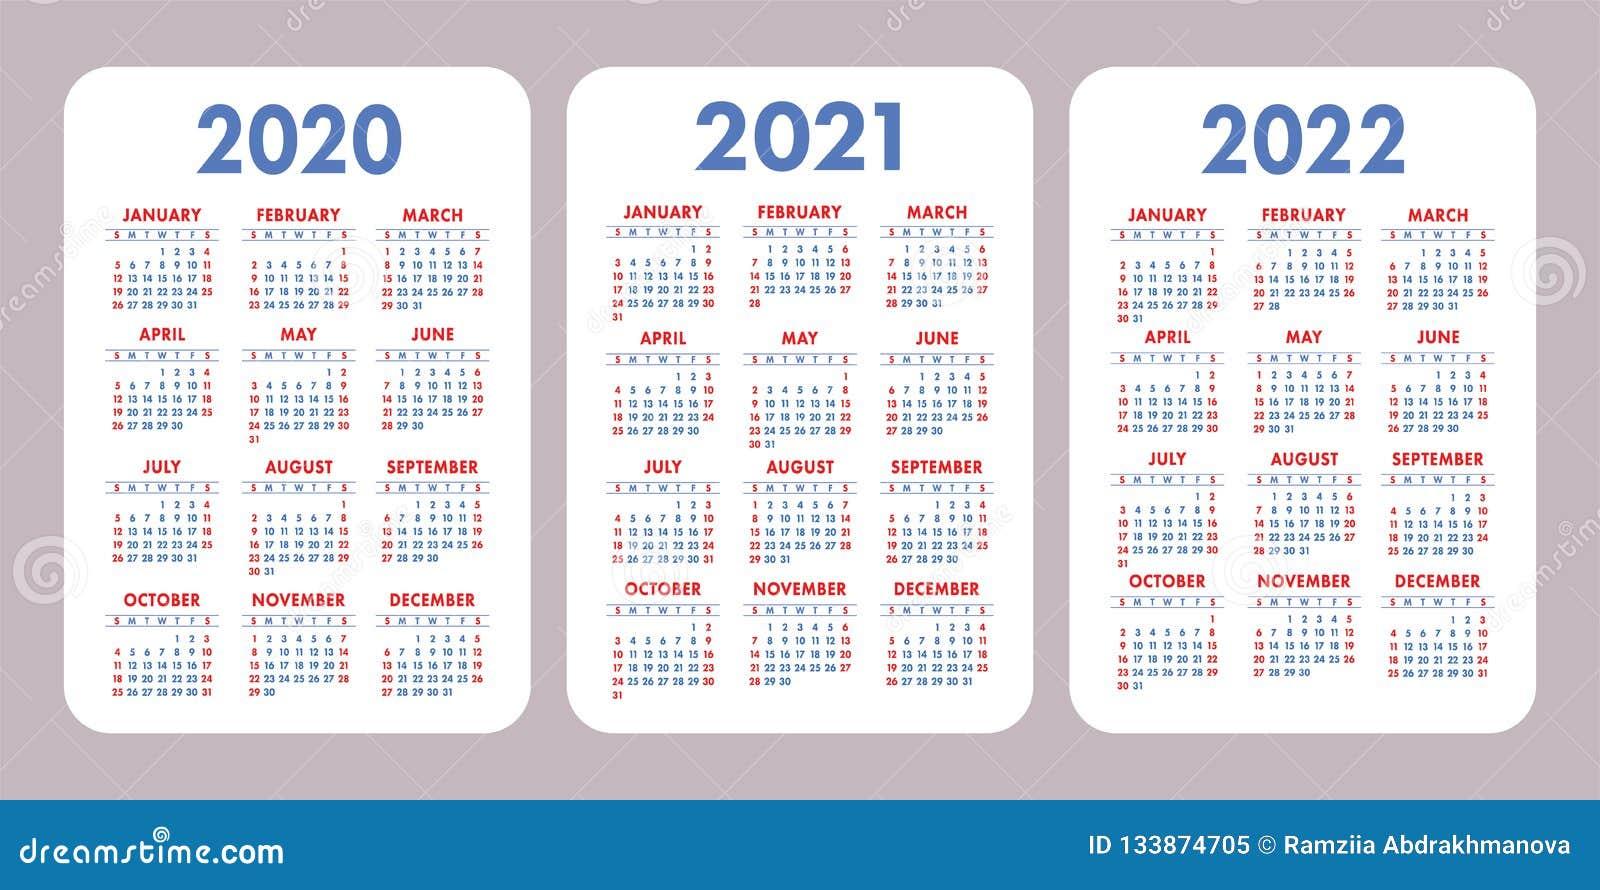 Calendario 2020 Com Feriados.Calendario 2020 2021 2022 Anos Projeto Vertical Do